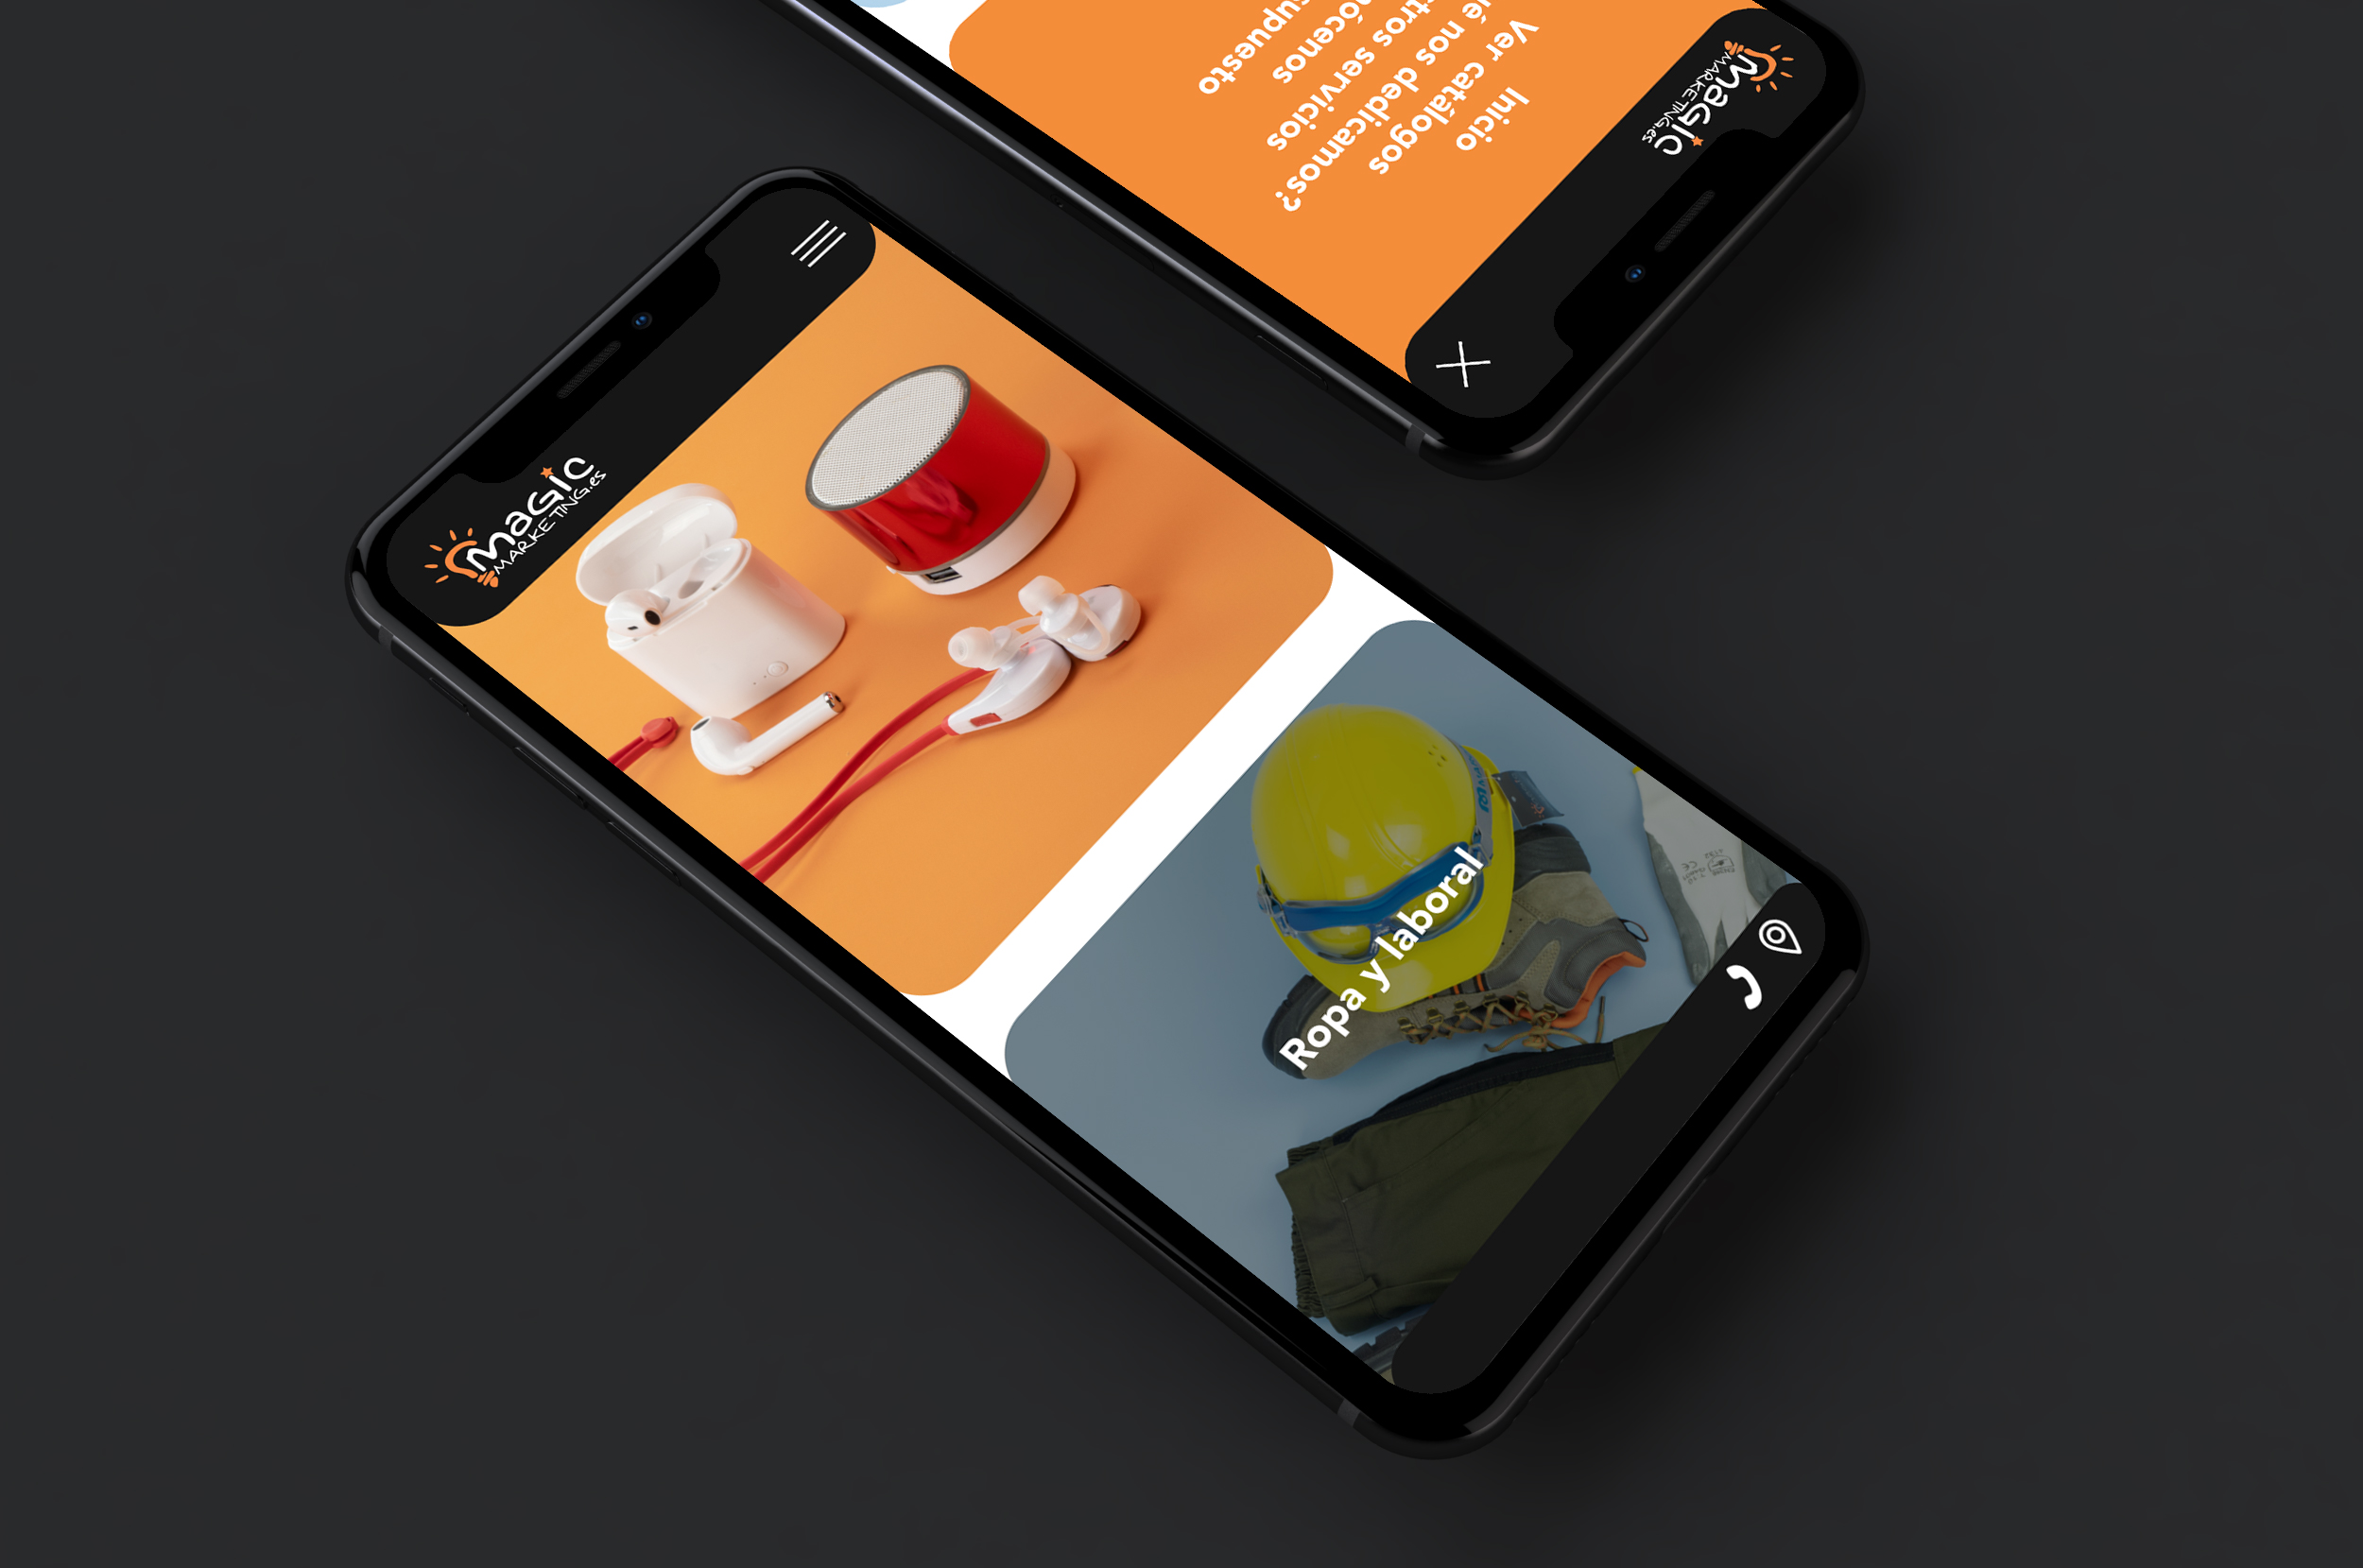 diseño de sitios web móviles con fotografía de producto a medida